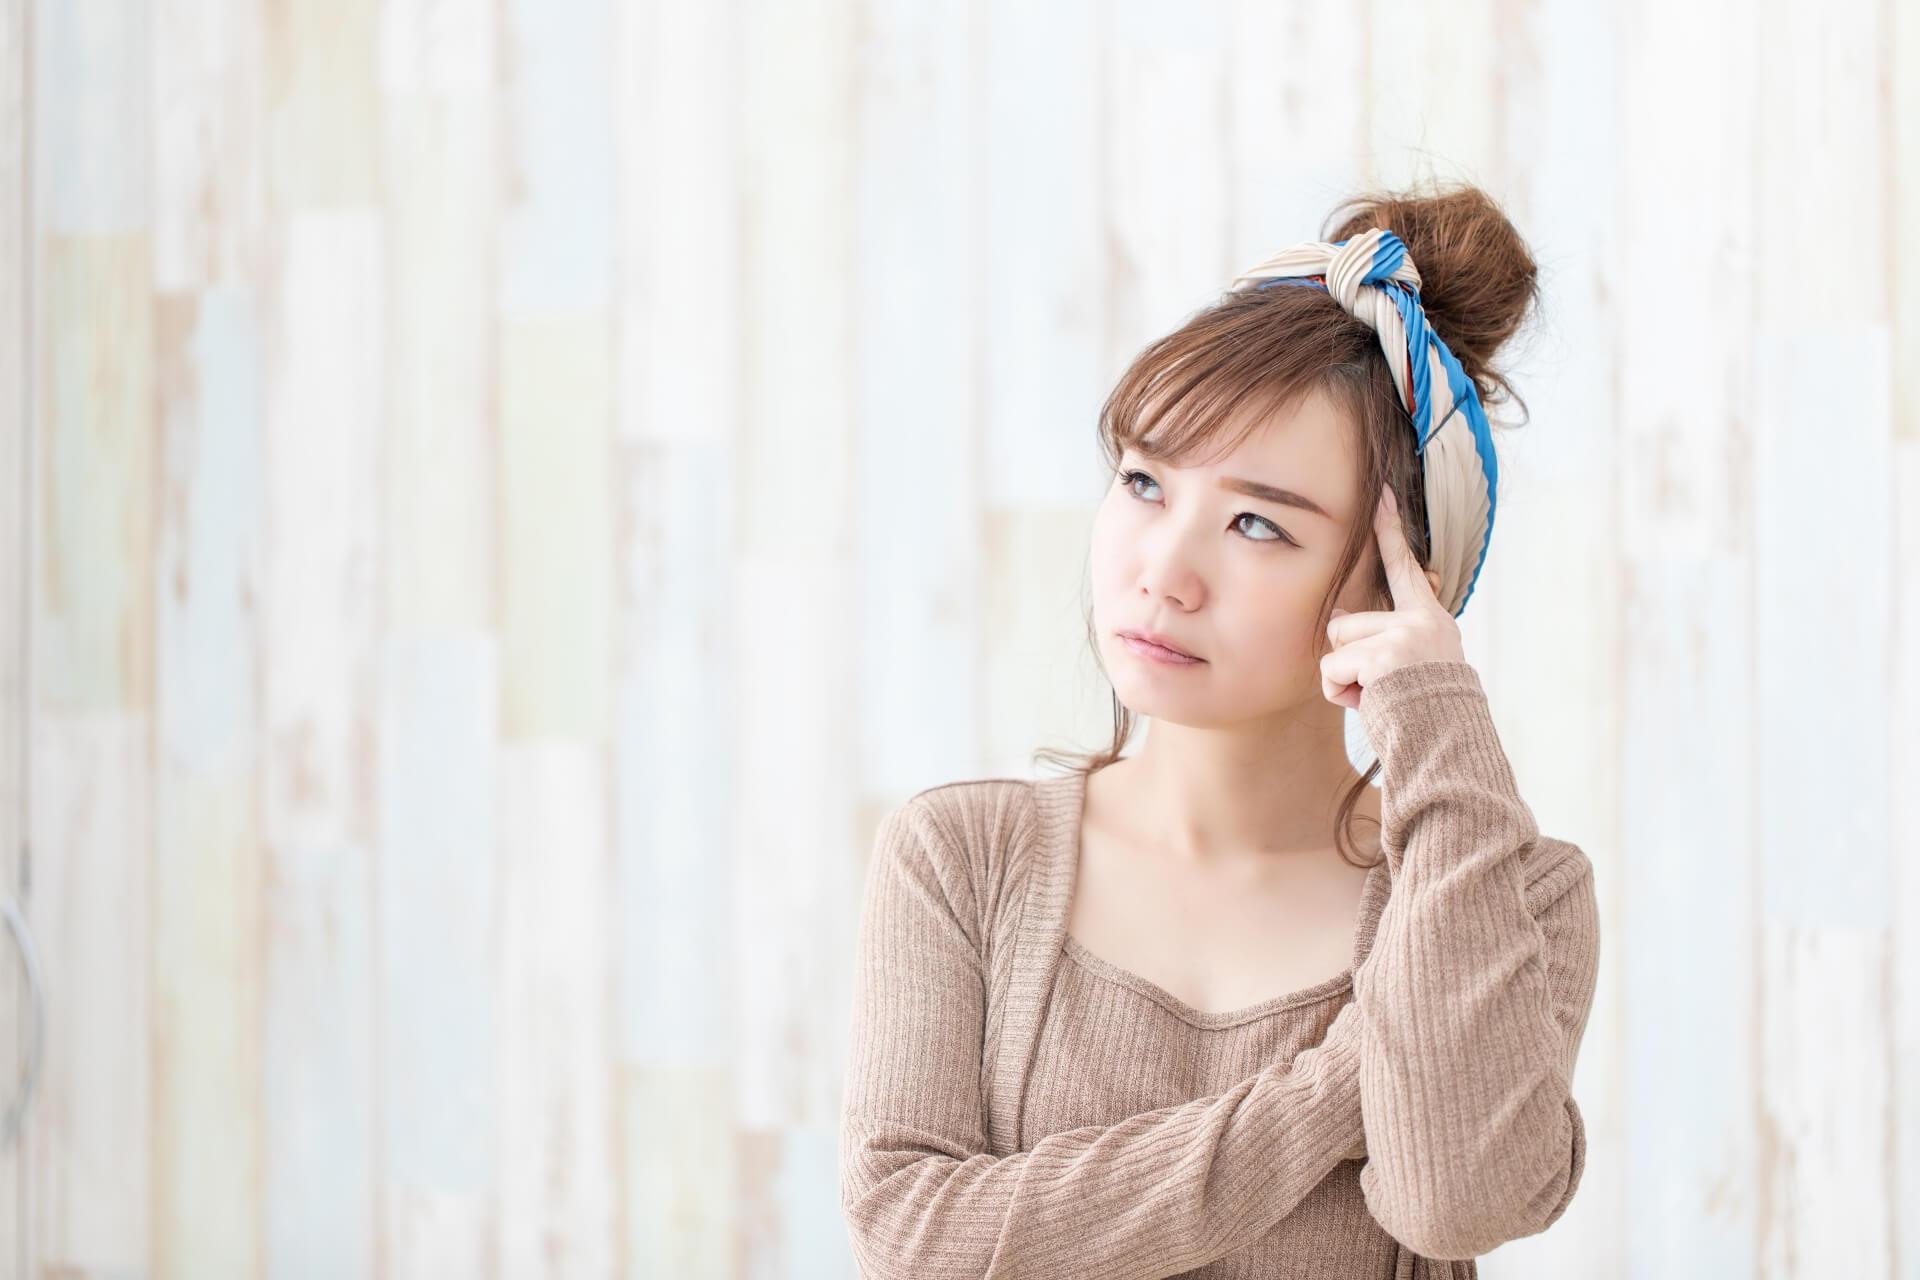 肩こりや腰痛で悩んでいる女性